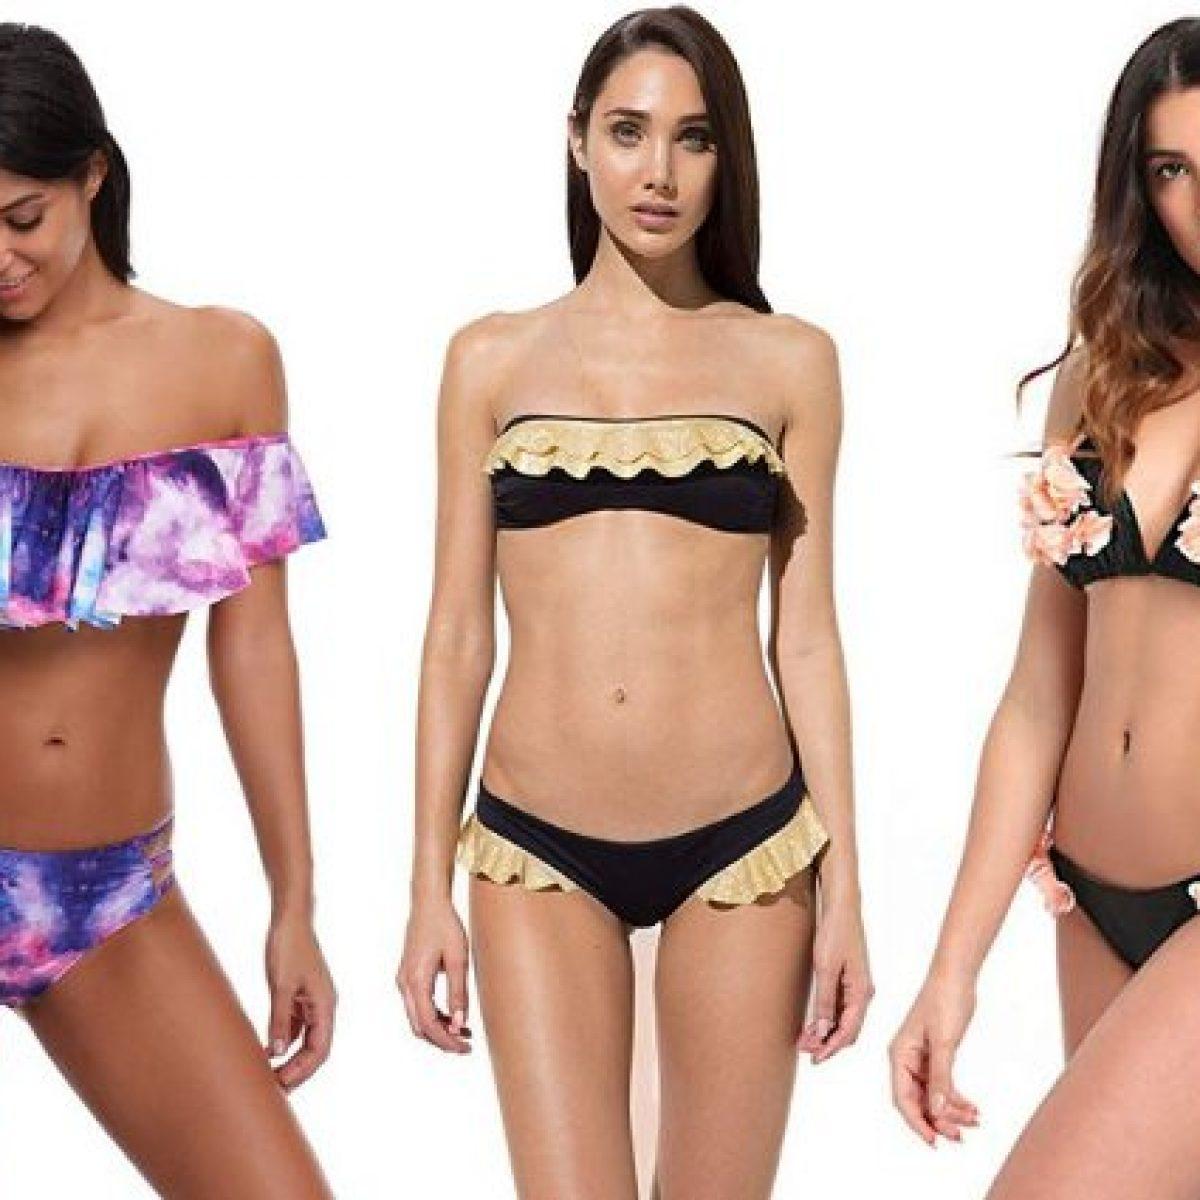 723a63d789 Costumi per seno piccolo 2019: i modelli di bikini push up, le fasce e i  costumi interi